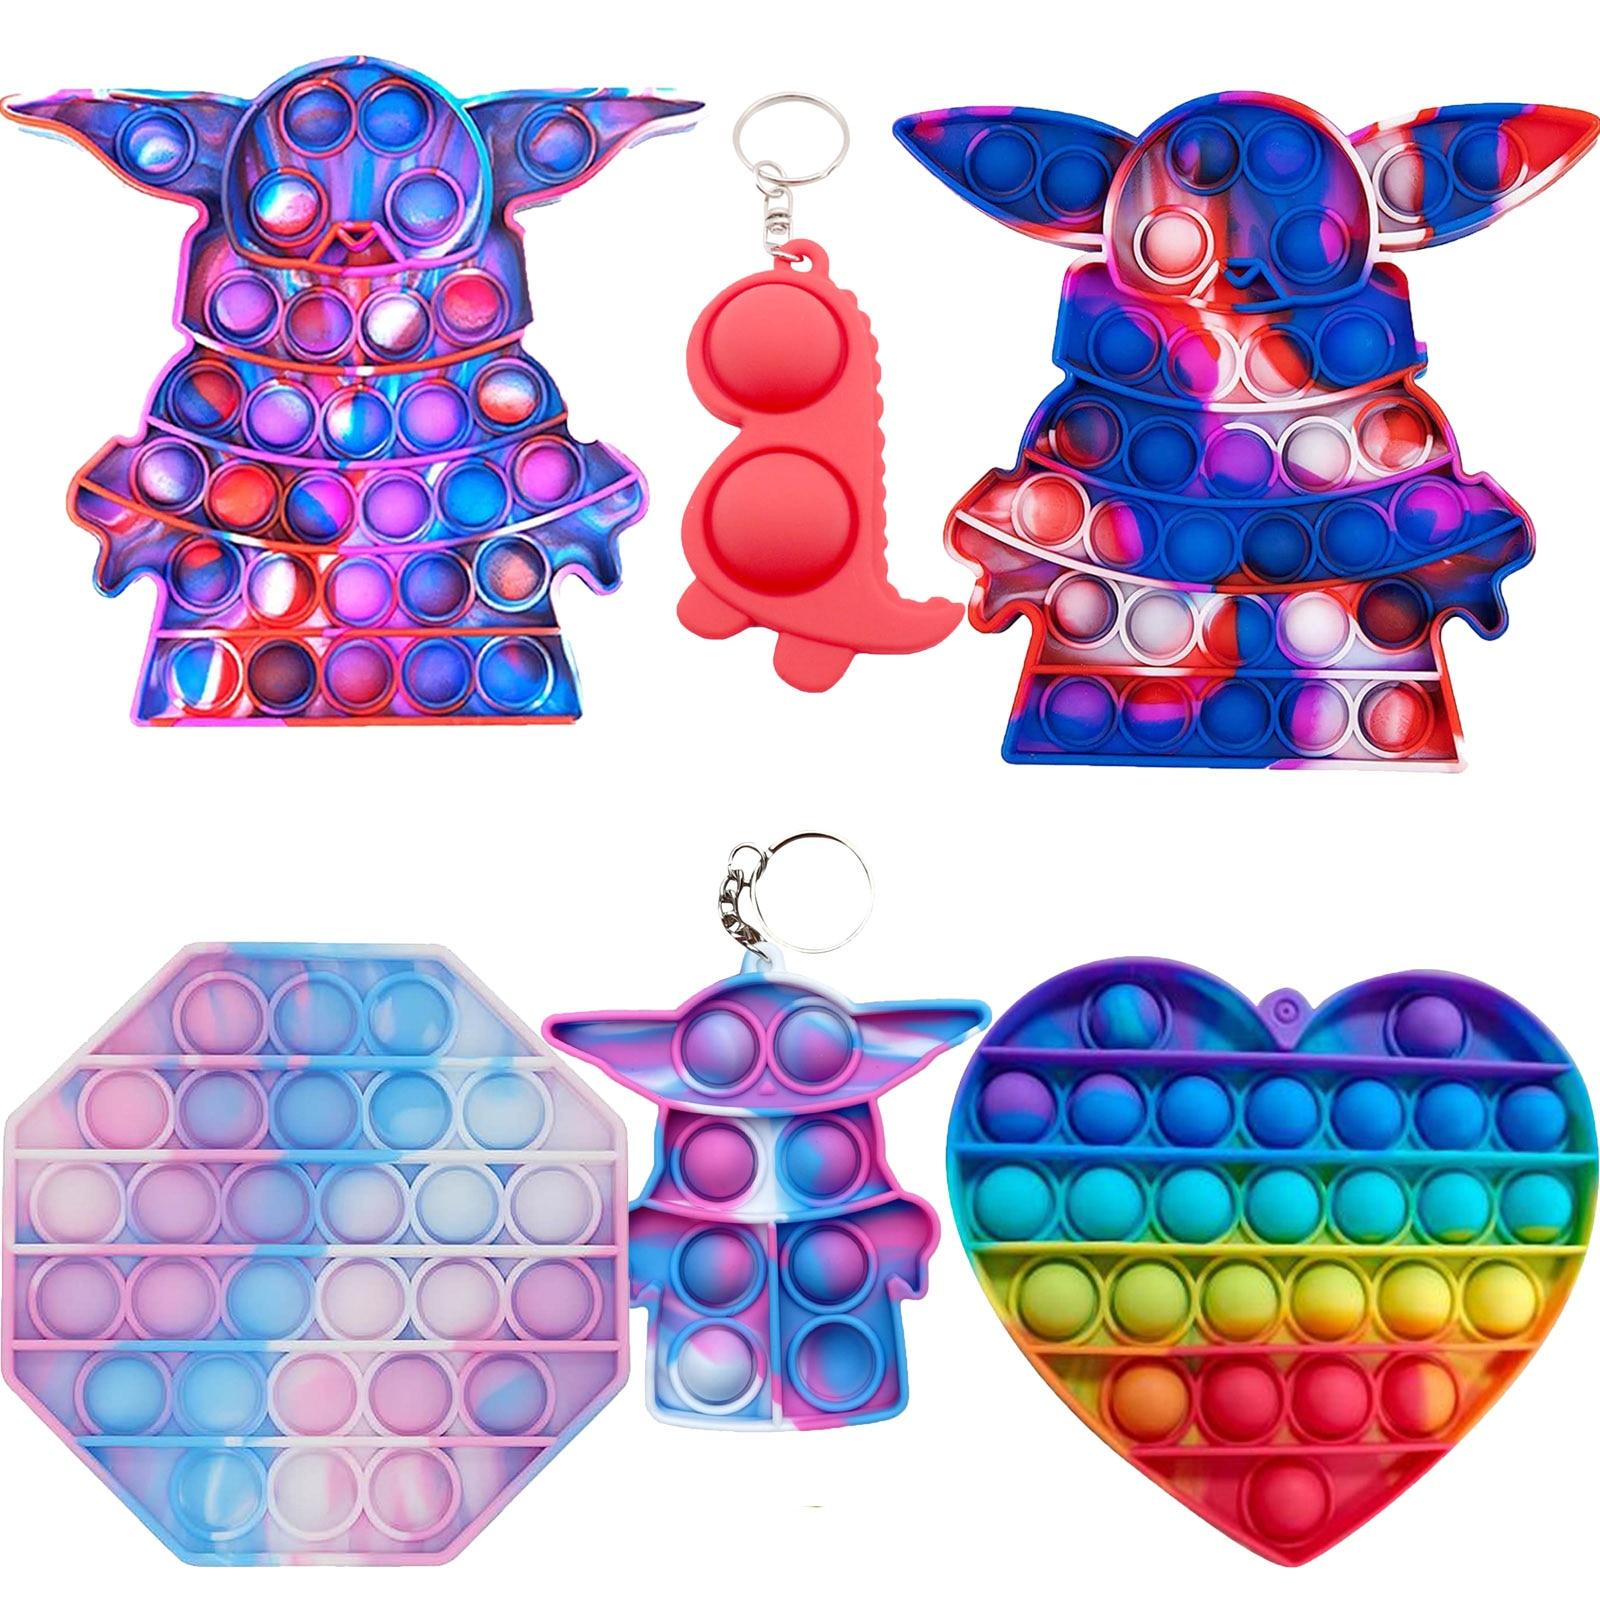 120 видов для детей и взрослых улыбающегося игрушка Давление снятие контроллер развивающая игрушка для аутистов игрушки Brinquedos ребенка, анти...